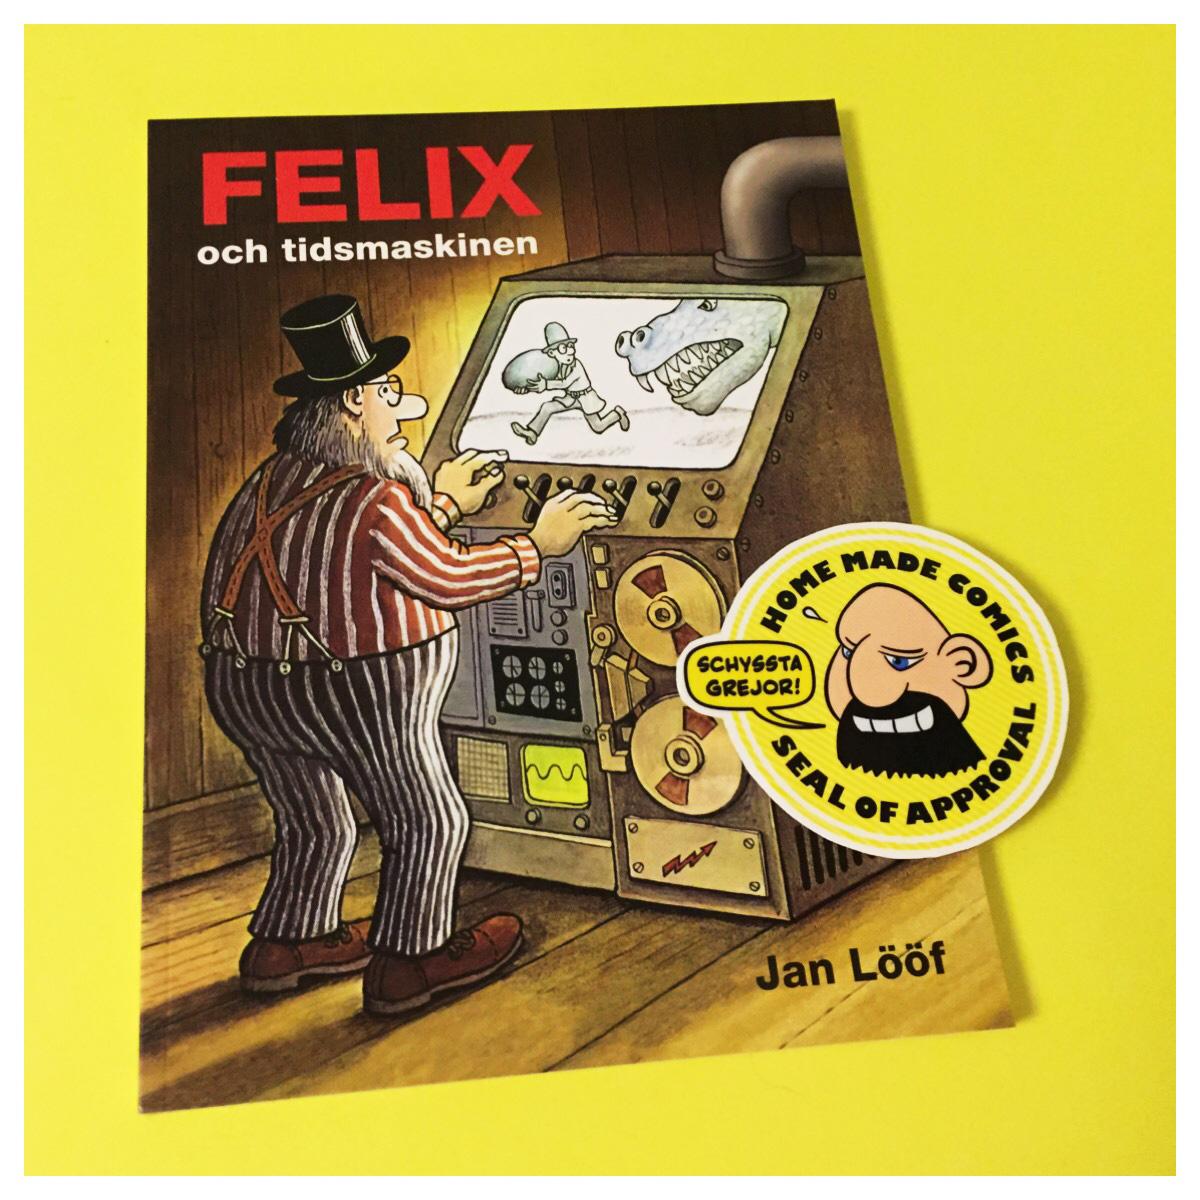 Home Made Comics Seal of Approval #177. Felix och tidsmaskinen av Jan Lööf utgiven av Kartago 2012.